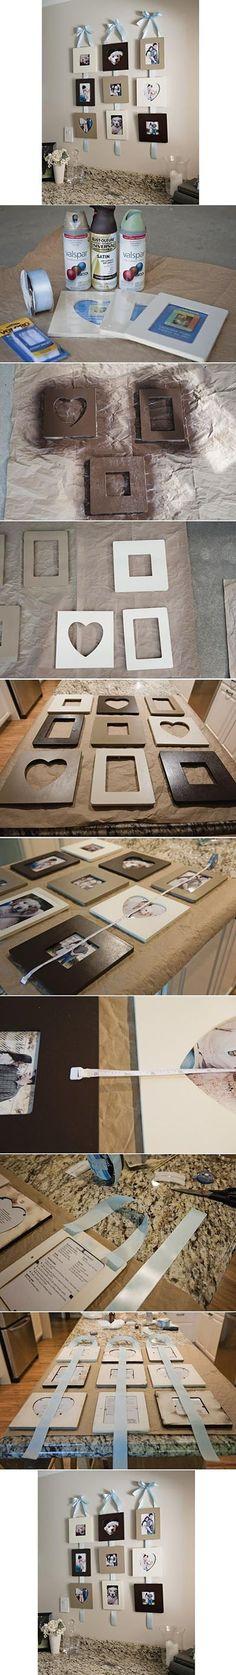 excelente idea para una pared de casa... =)